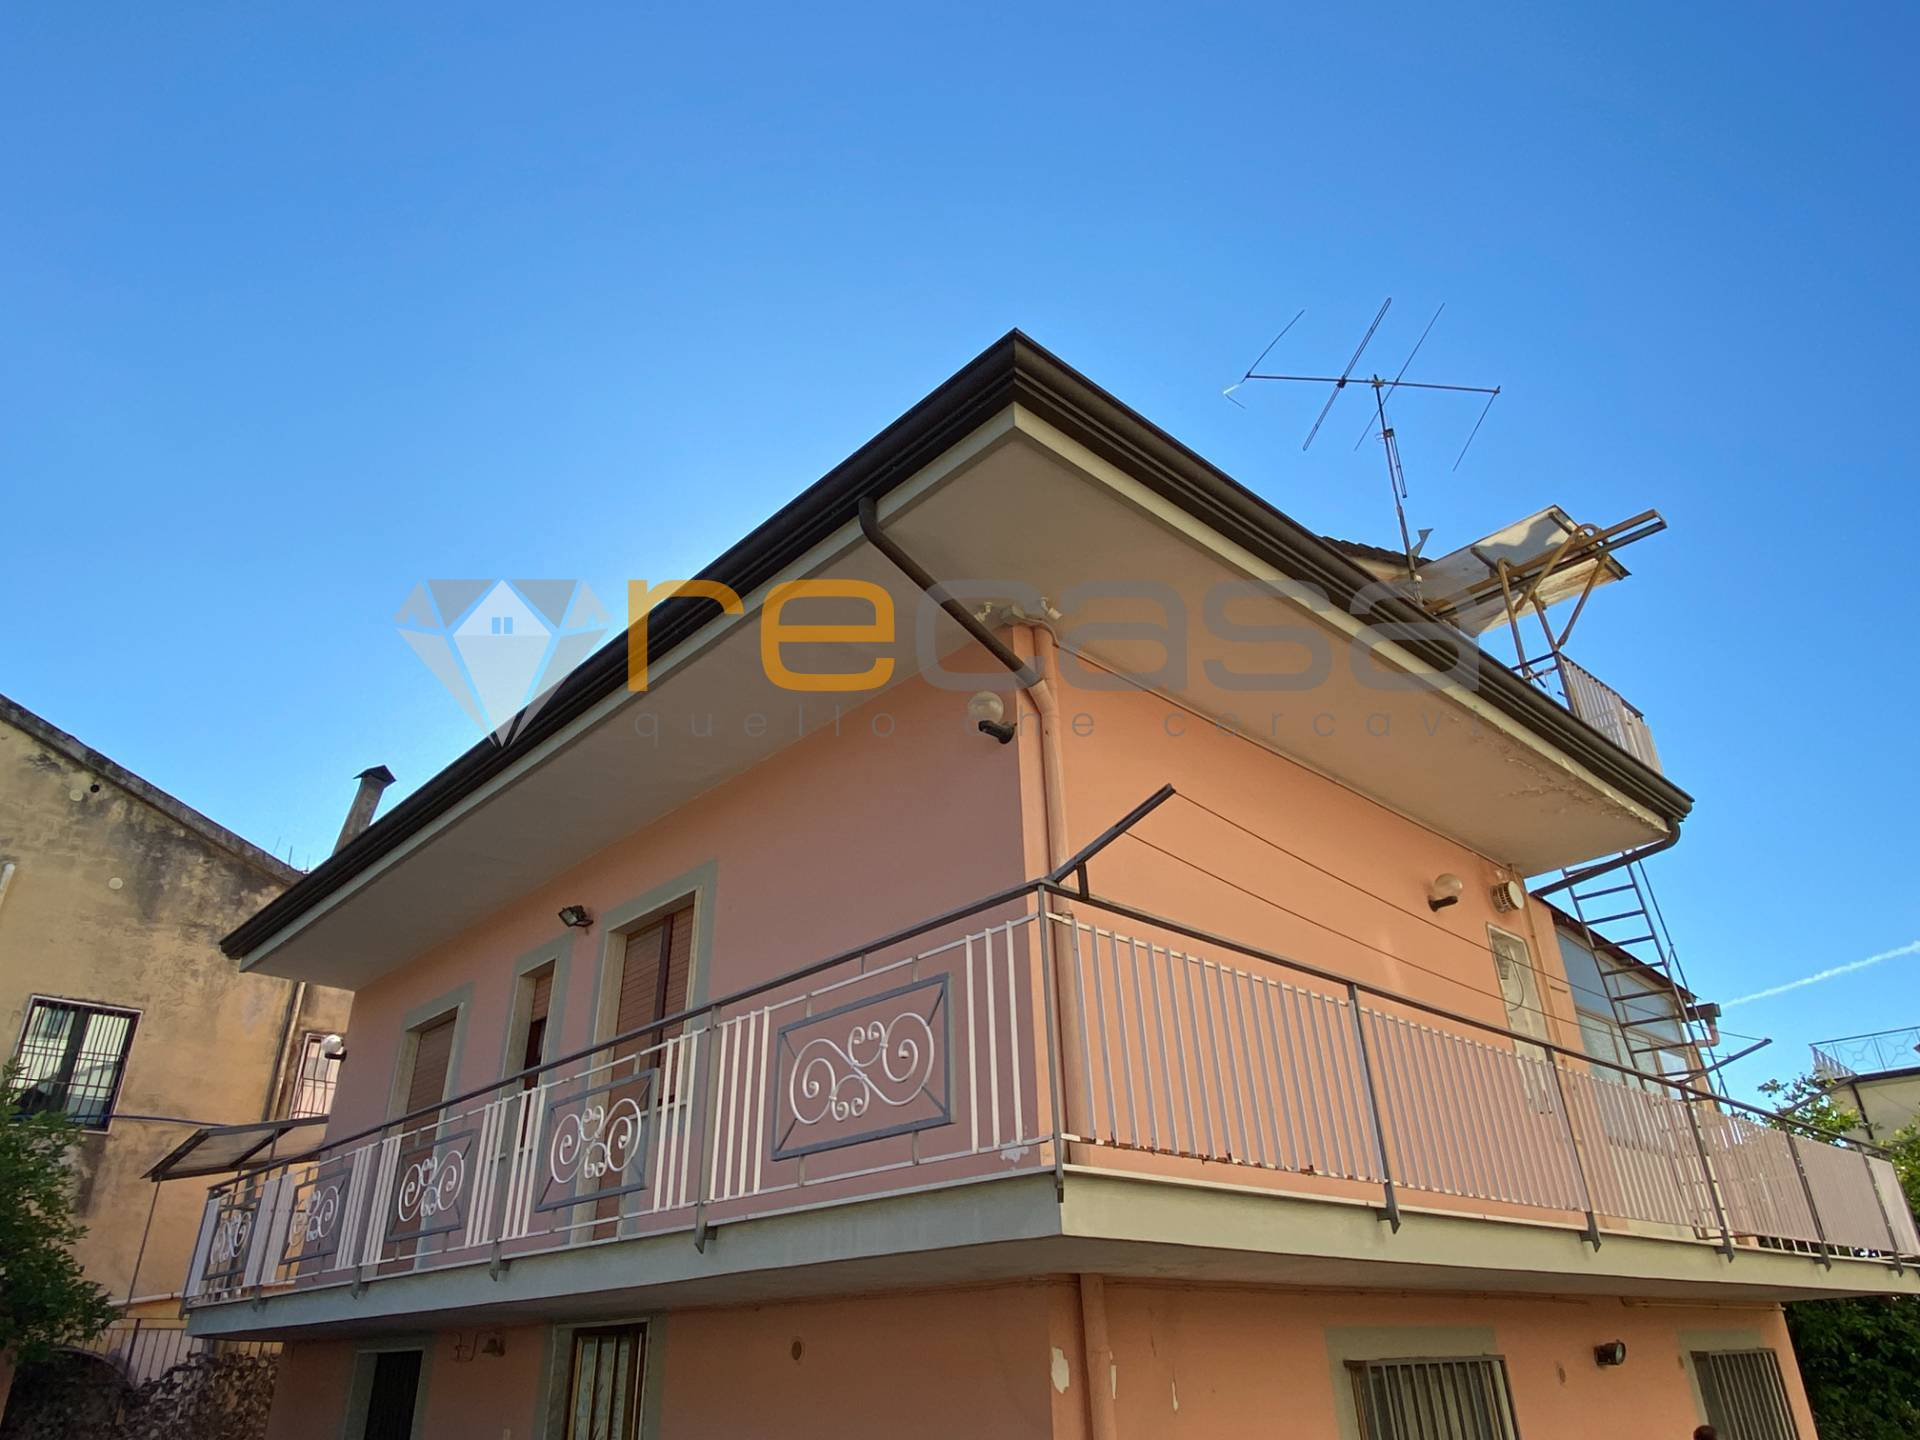 Soluzione Indipendente in vendita a Pontecagnano Faiano, 8 locali, zona Zona: Pontecagnano, prezzo € 169.000 | CambioCasa.it